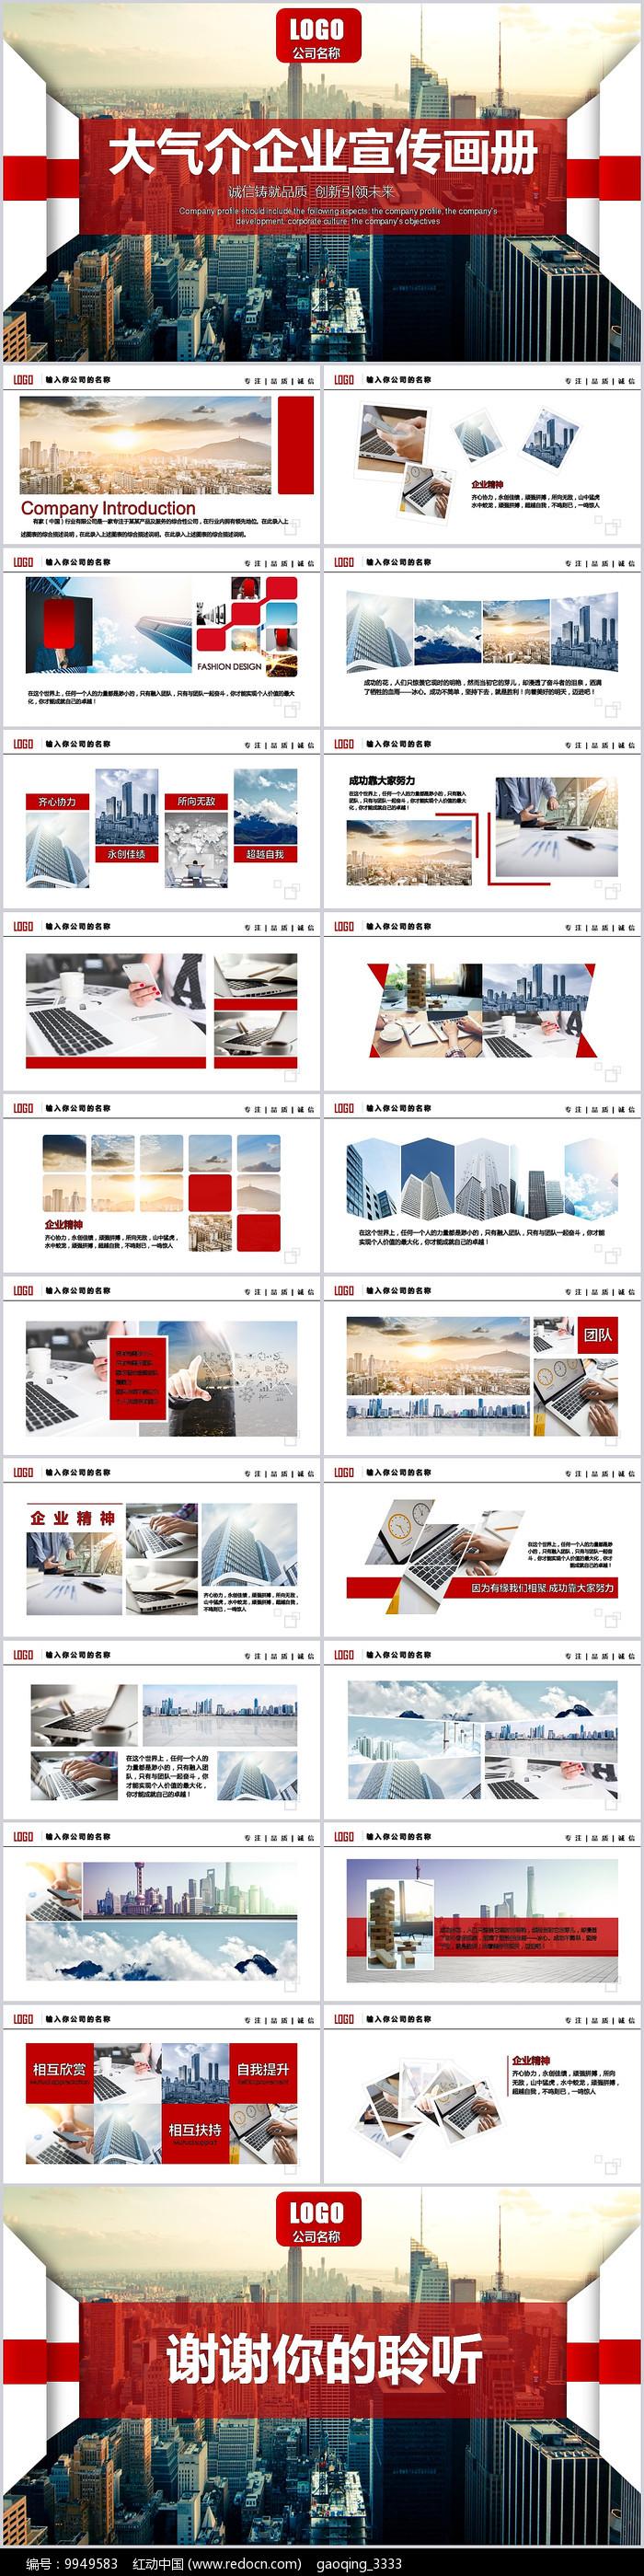 大气企业宣传画册PPT